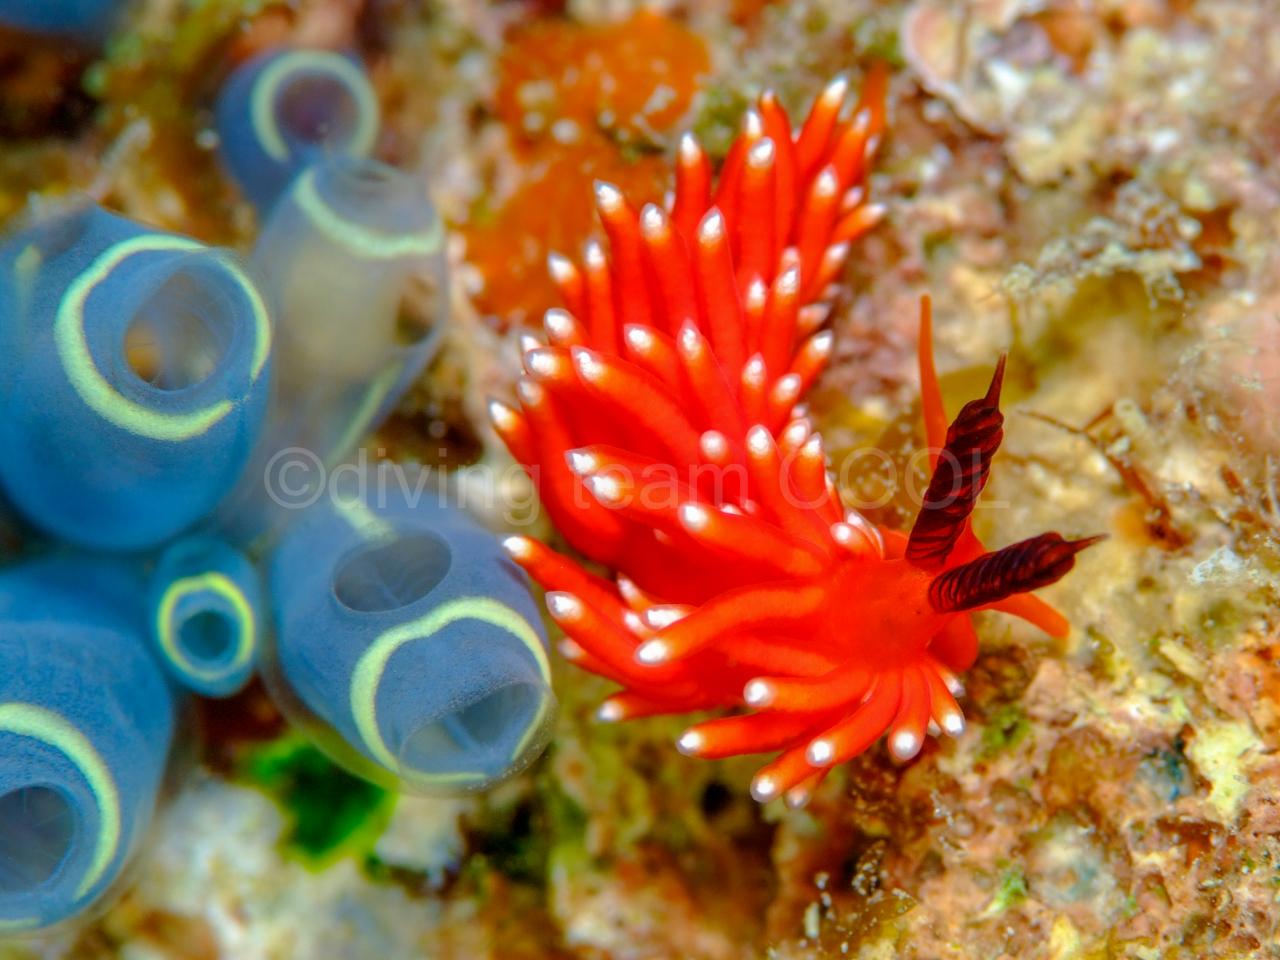 沖縄 クレナイチゴミノウミウシ